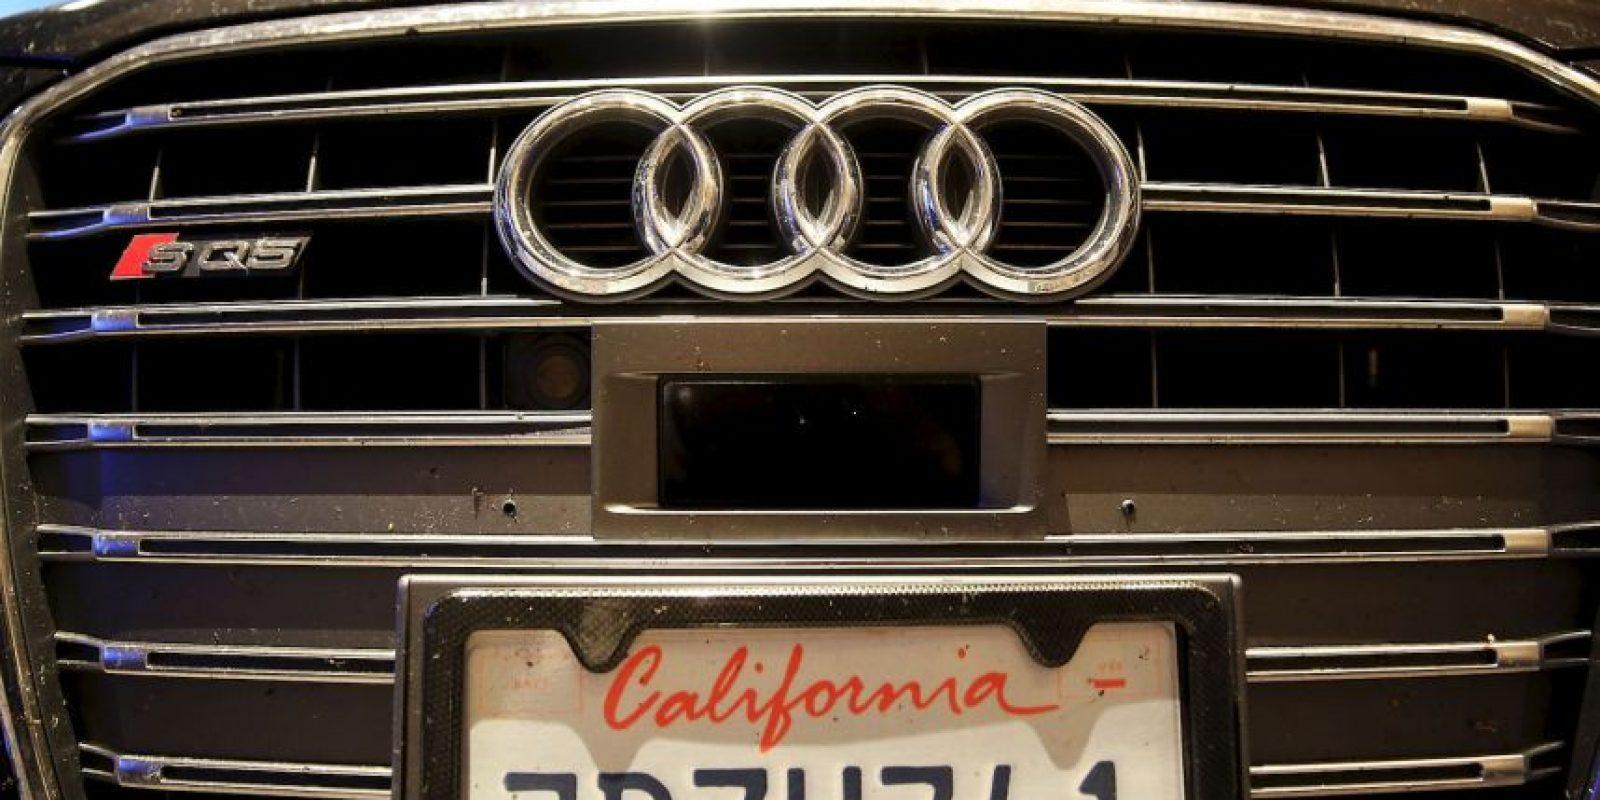 De acuerdo a estimaciones, cerca del 75% de los vehículos en Estados Unidos serán de este tipo en el año 2040 Foto:Getty Images